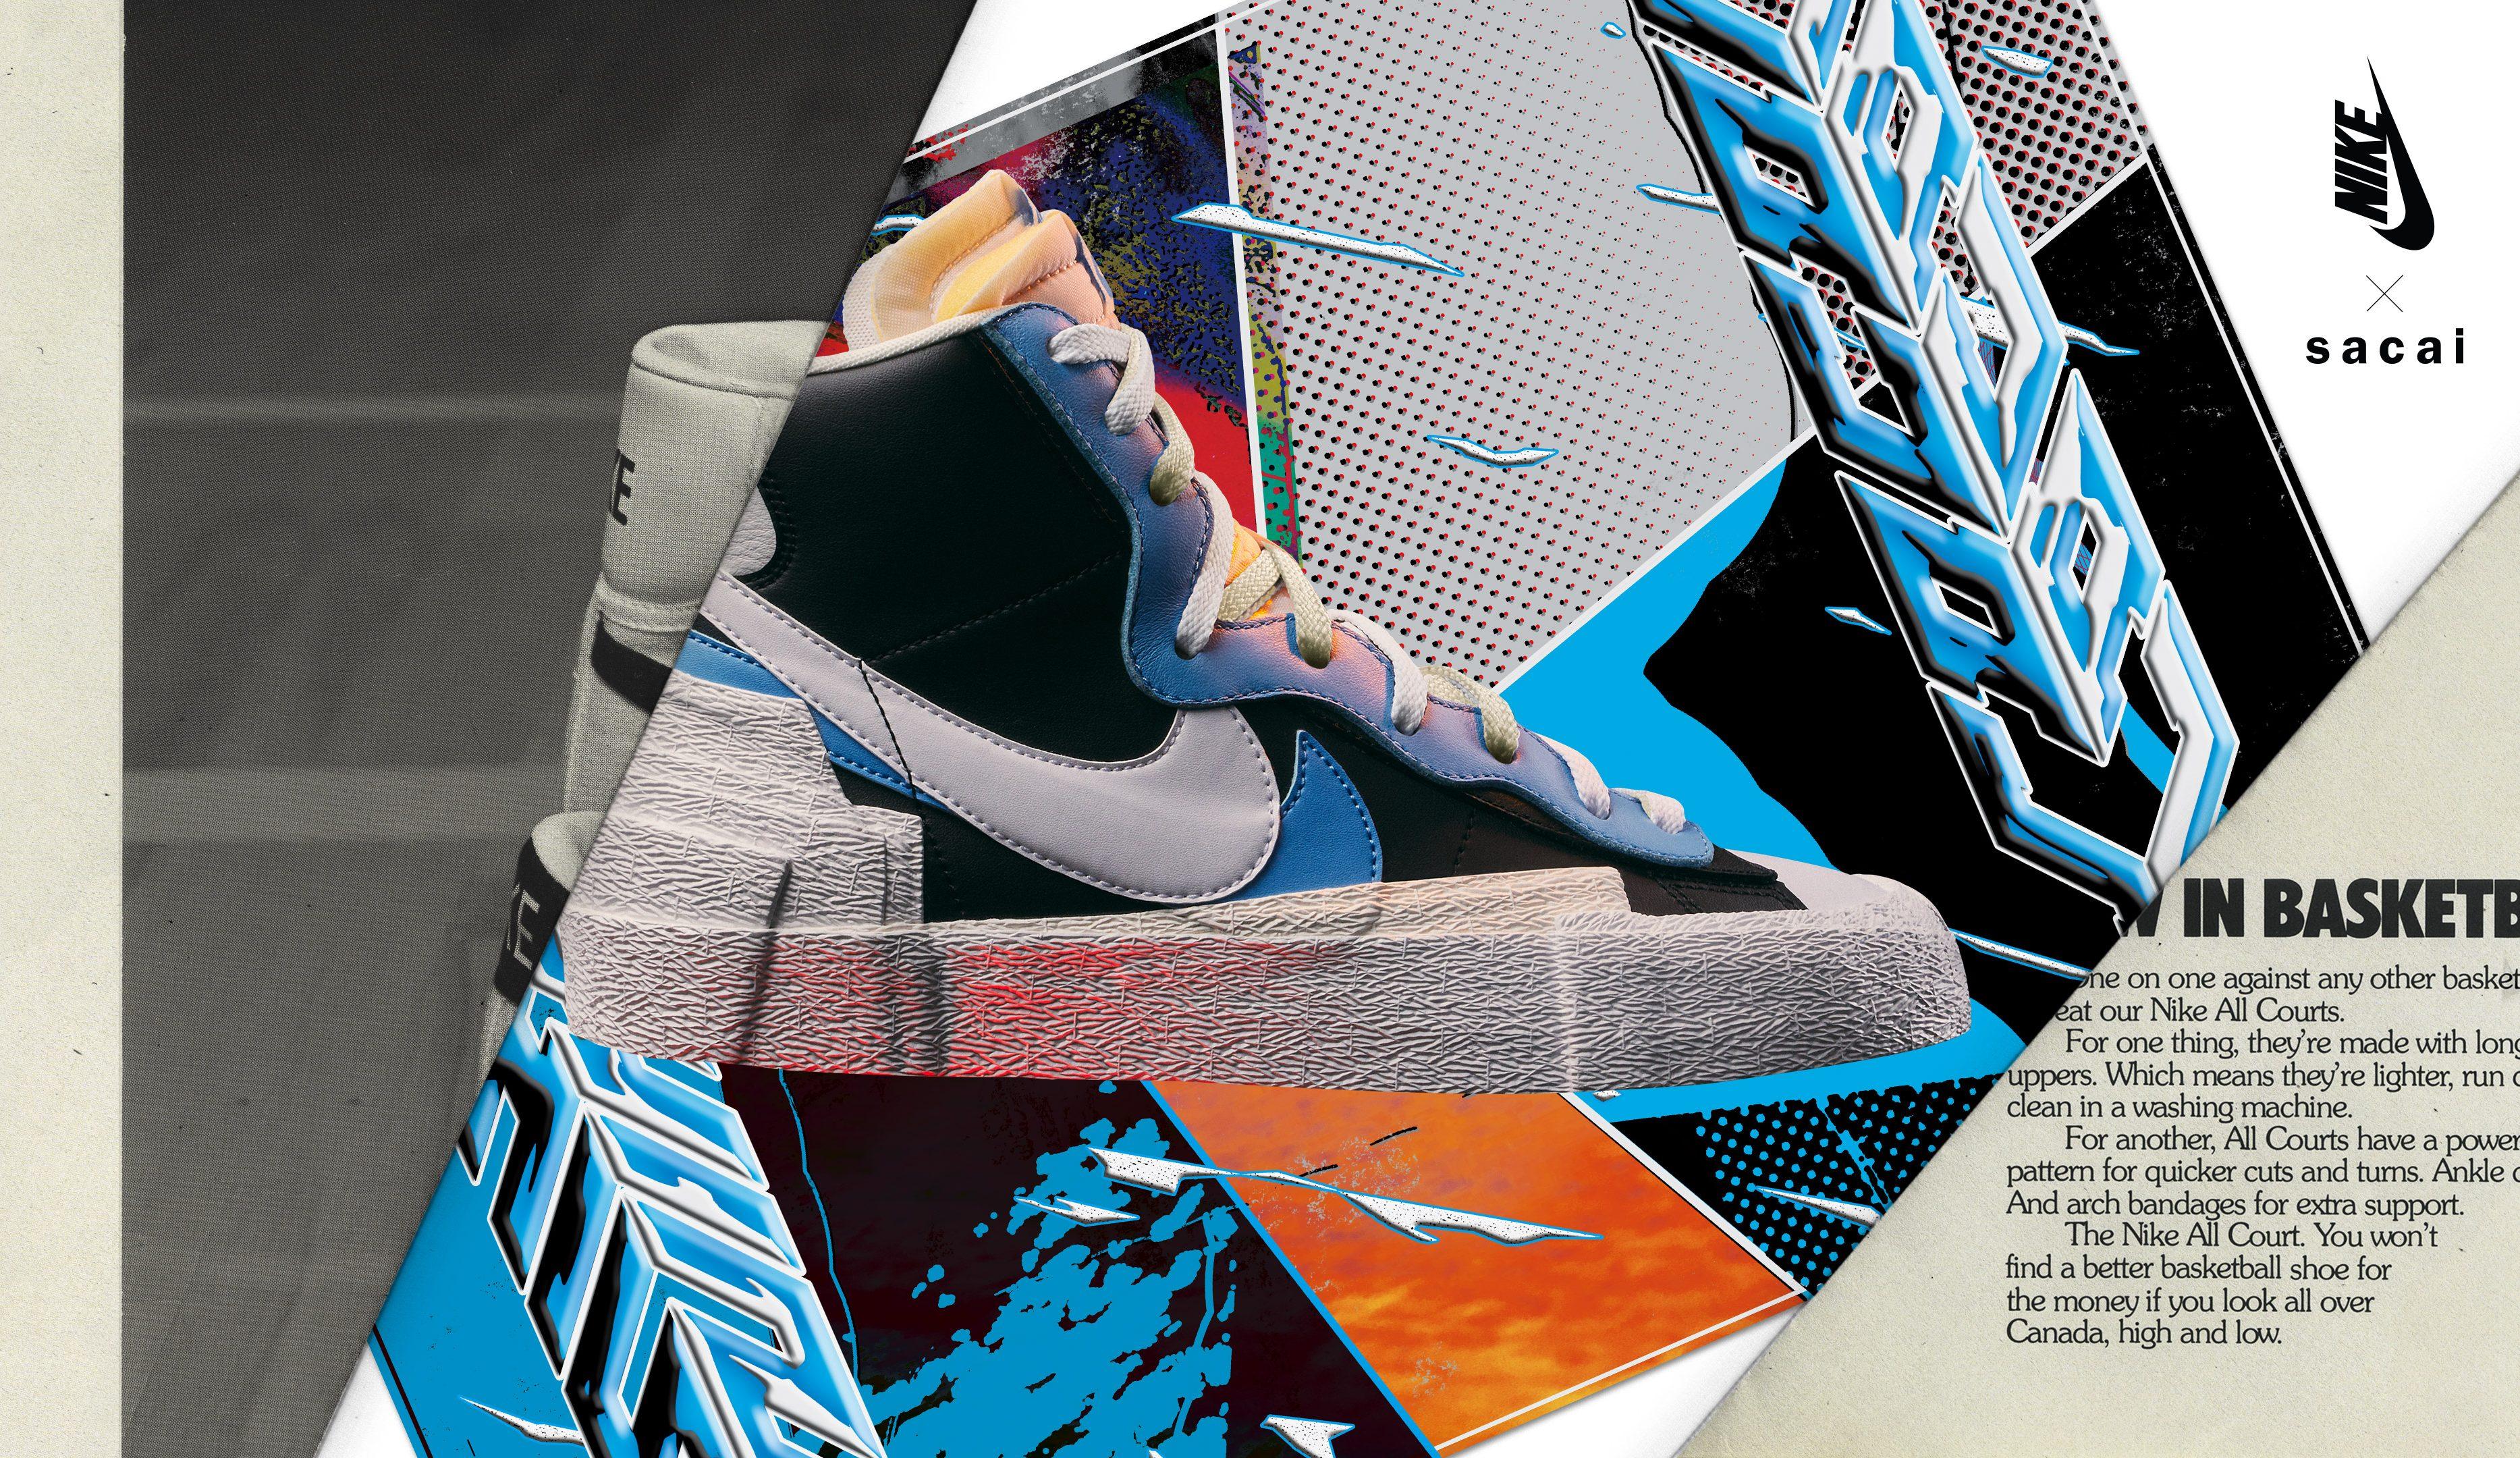 Sacai x Nike Blazer Low Release Info